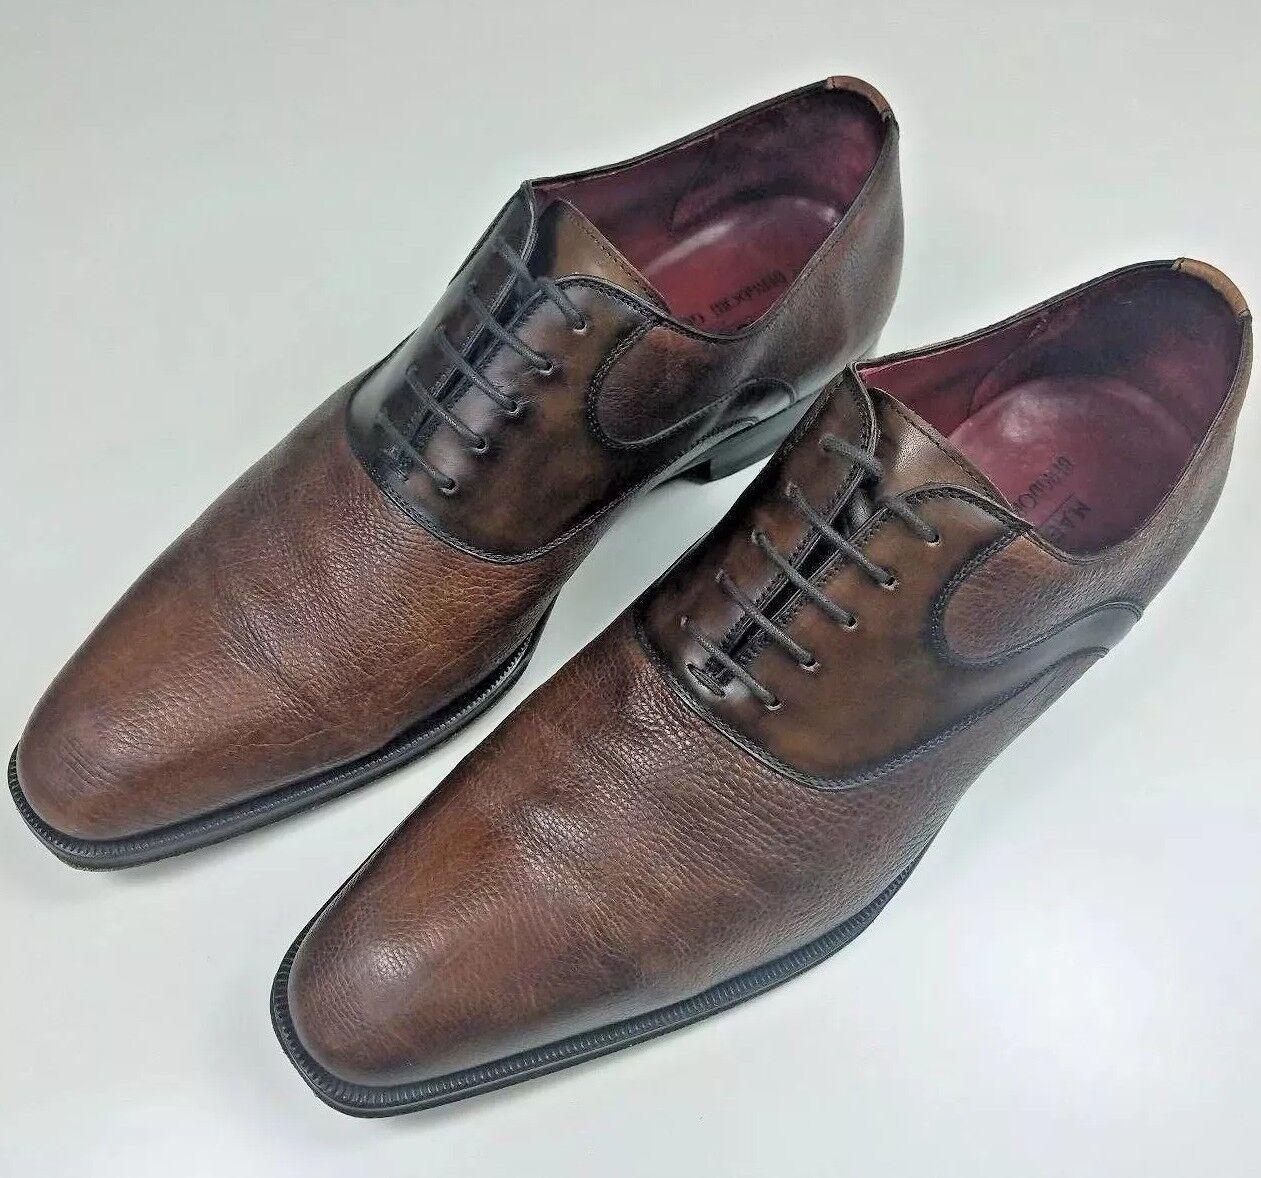 Magnanni per Bergdorf Goodman Mens  Dimensione 43.5 EU 9.5 US Marronee Dress scarpe  online al miglior prezzo